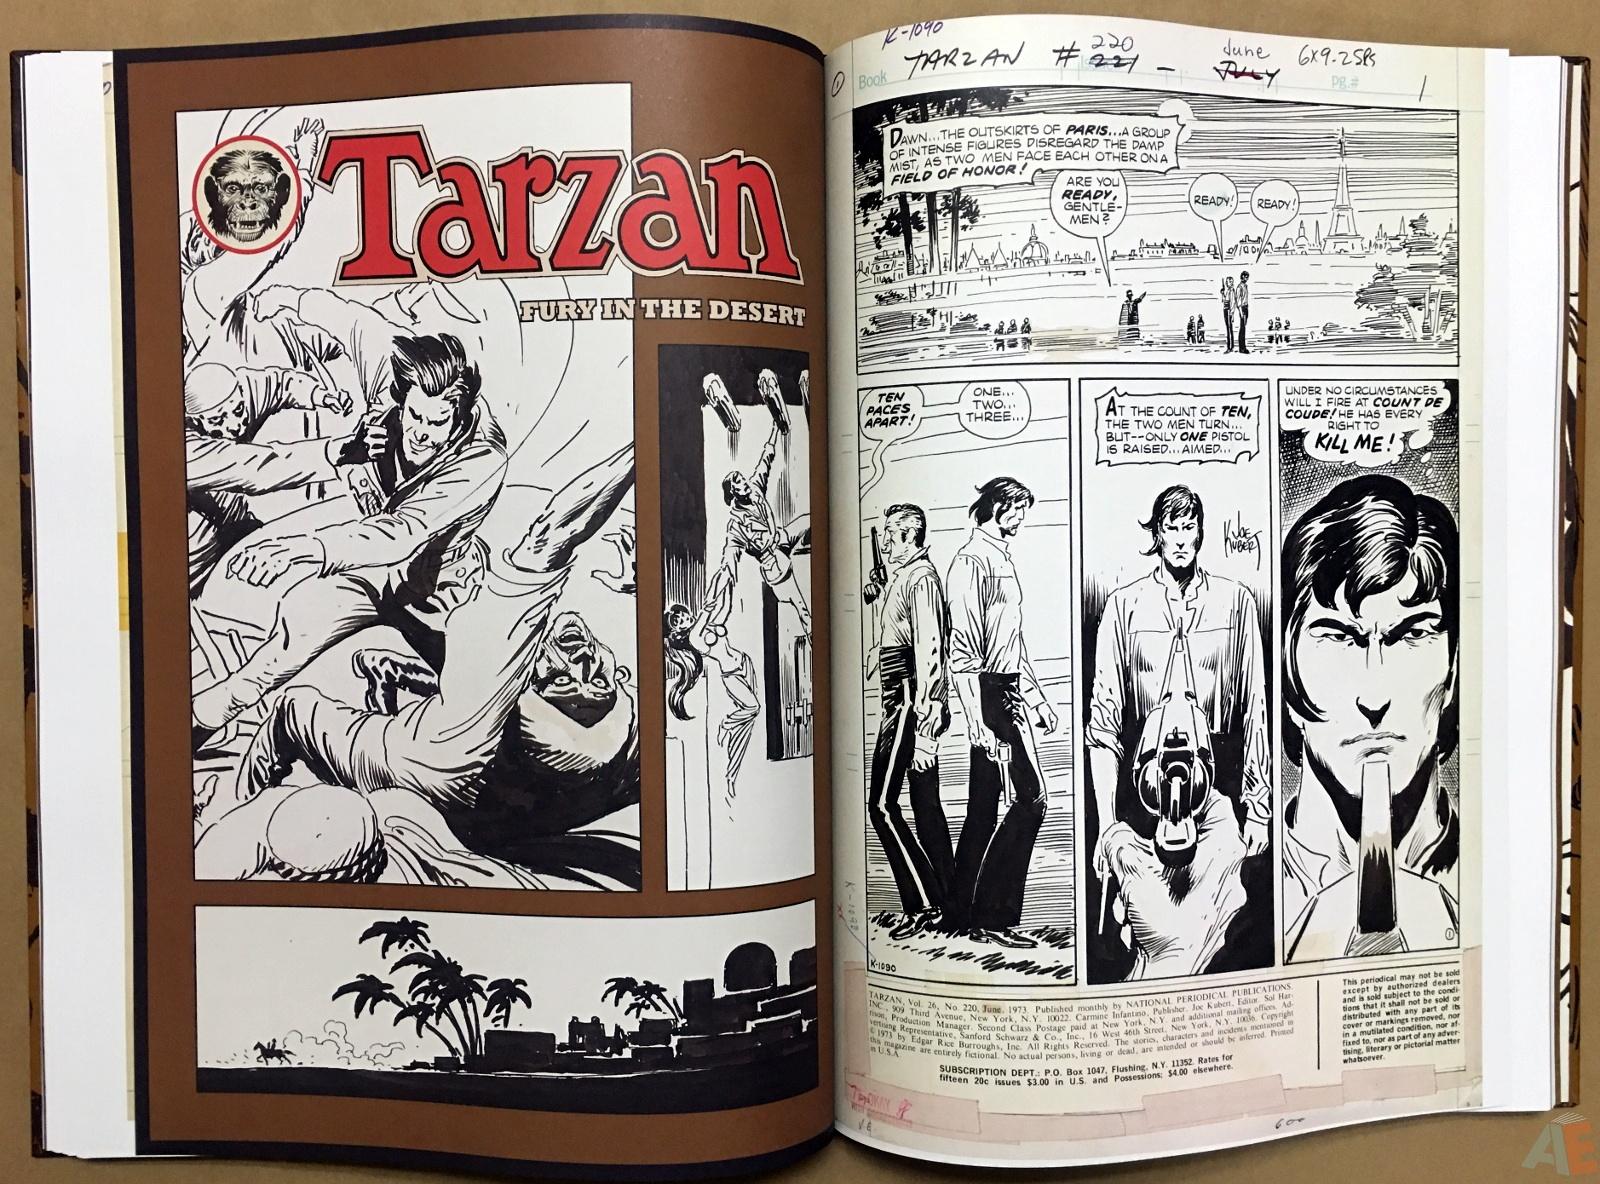 Joe Kubert's The Return Of Tarzan Artist's Edition 30